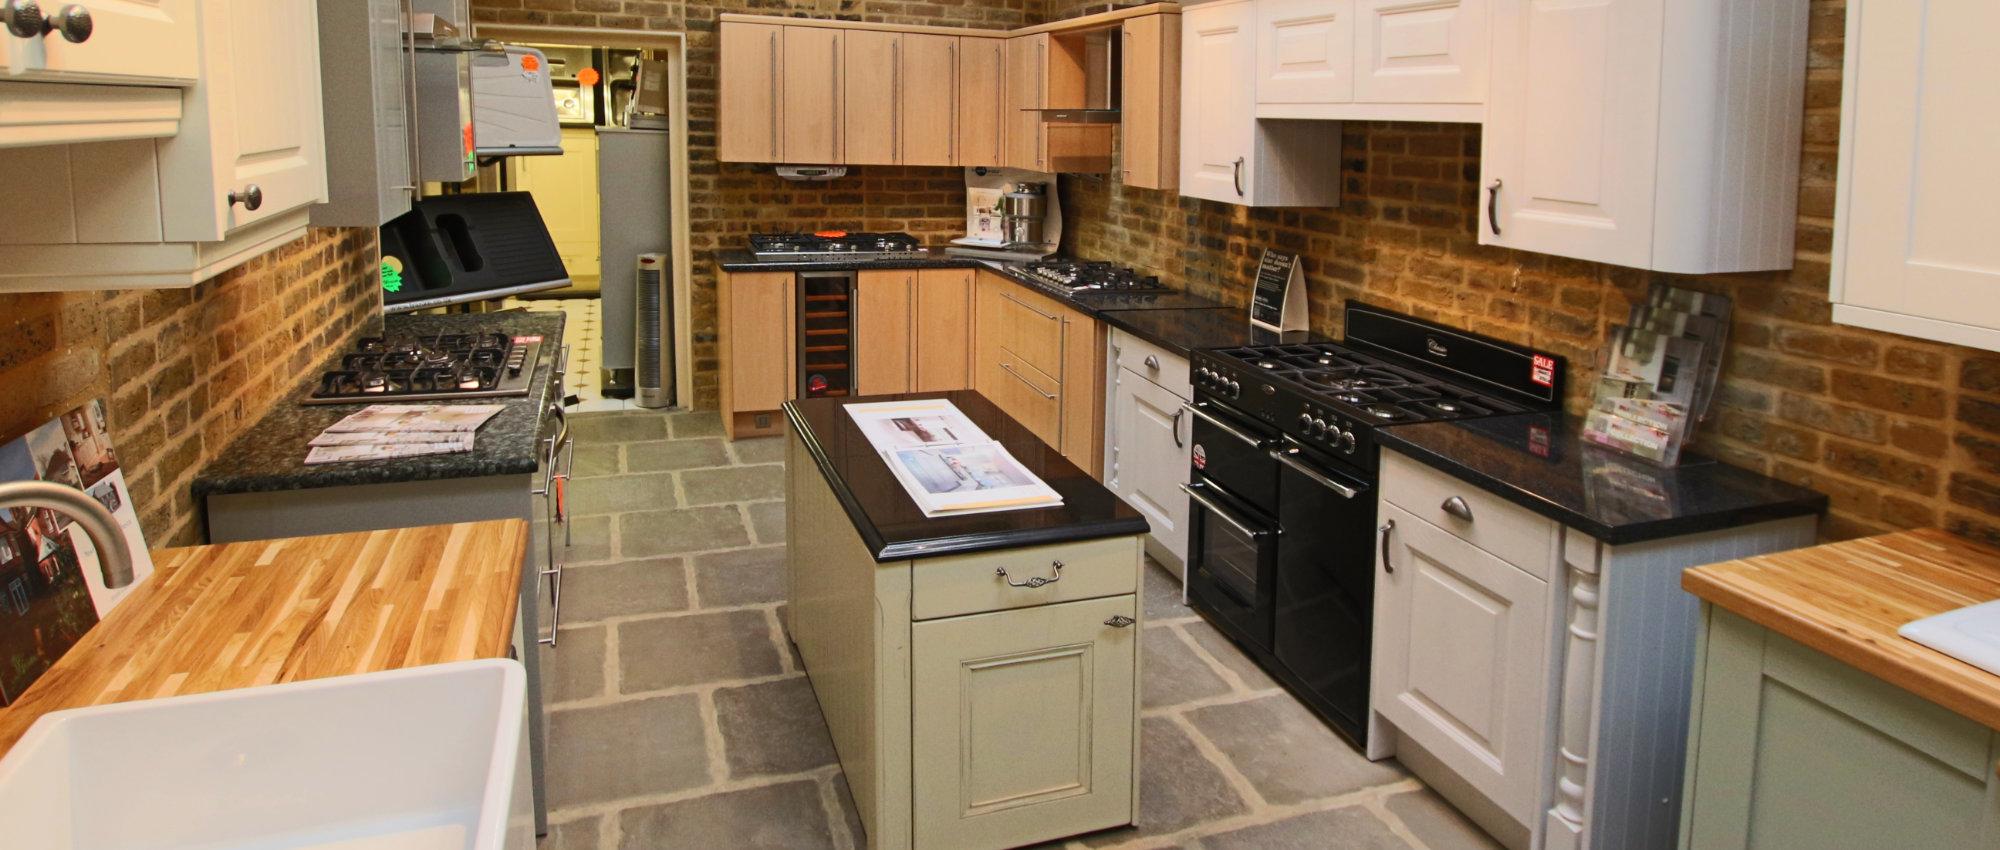 Kitchens from J.B. Jessop